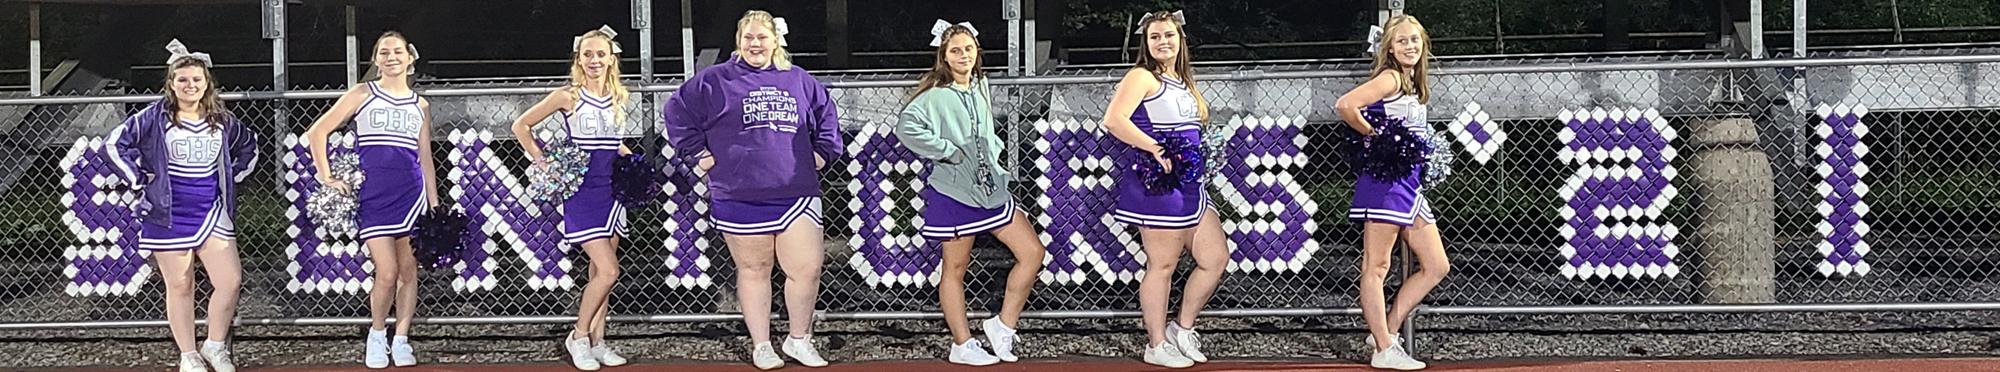 Coudersport senior cheerleaders